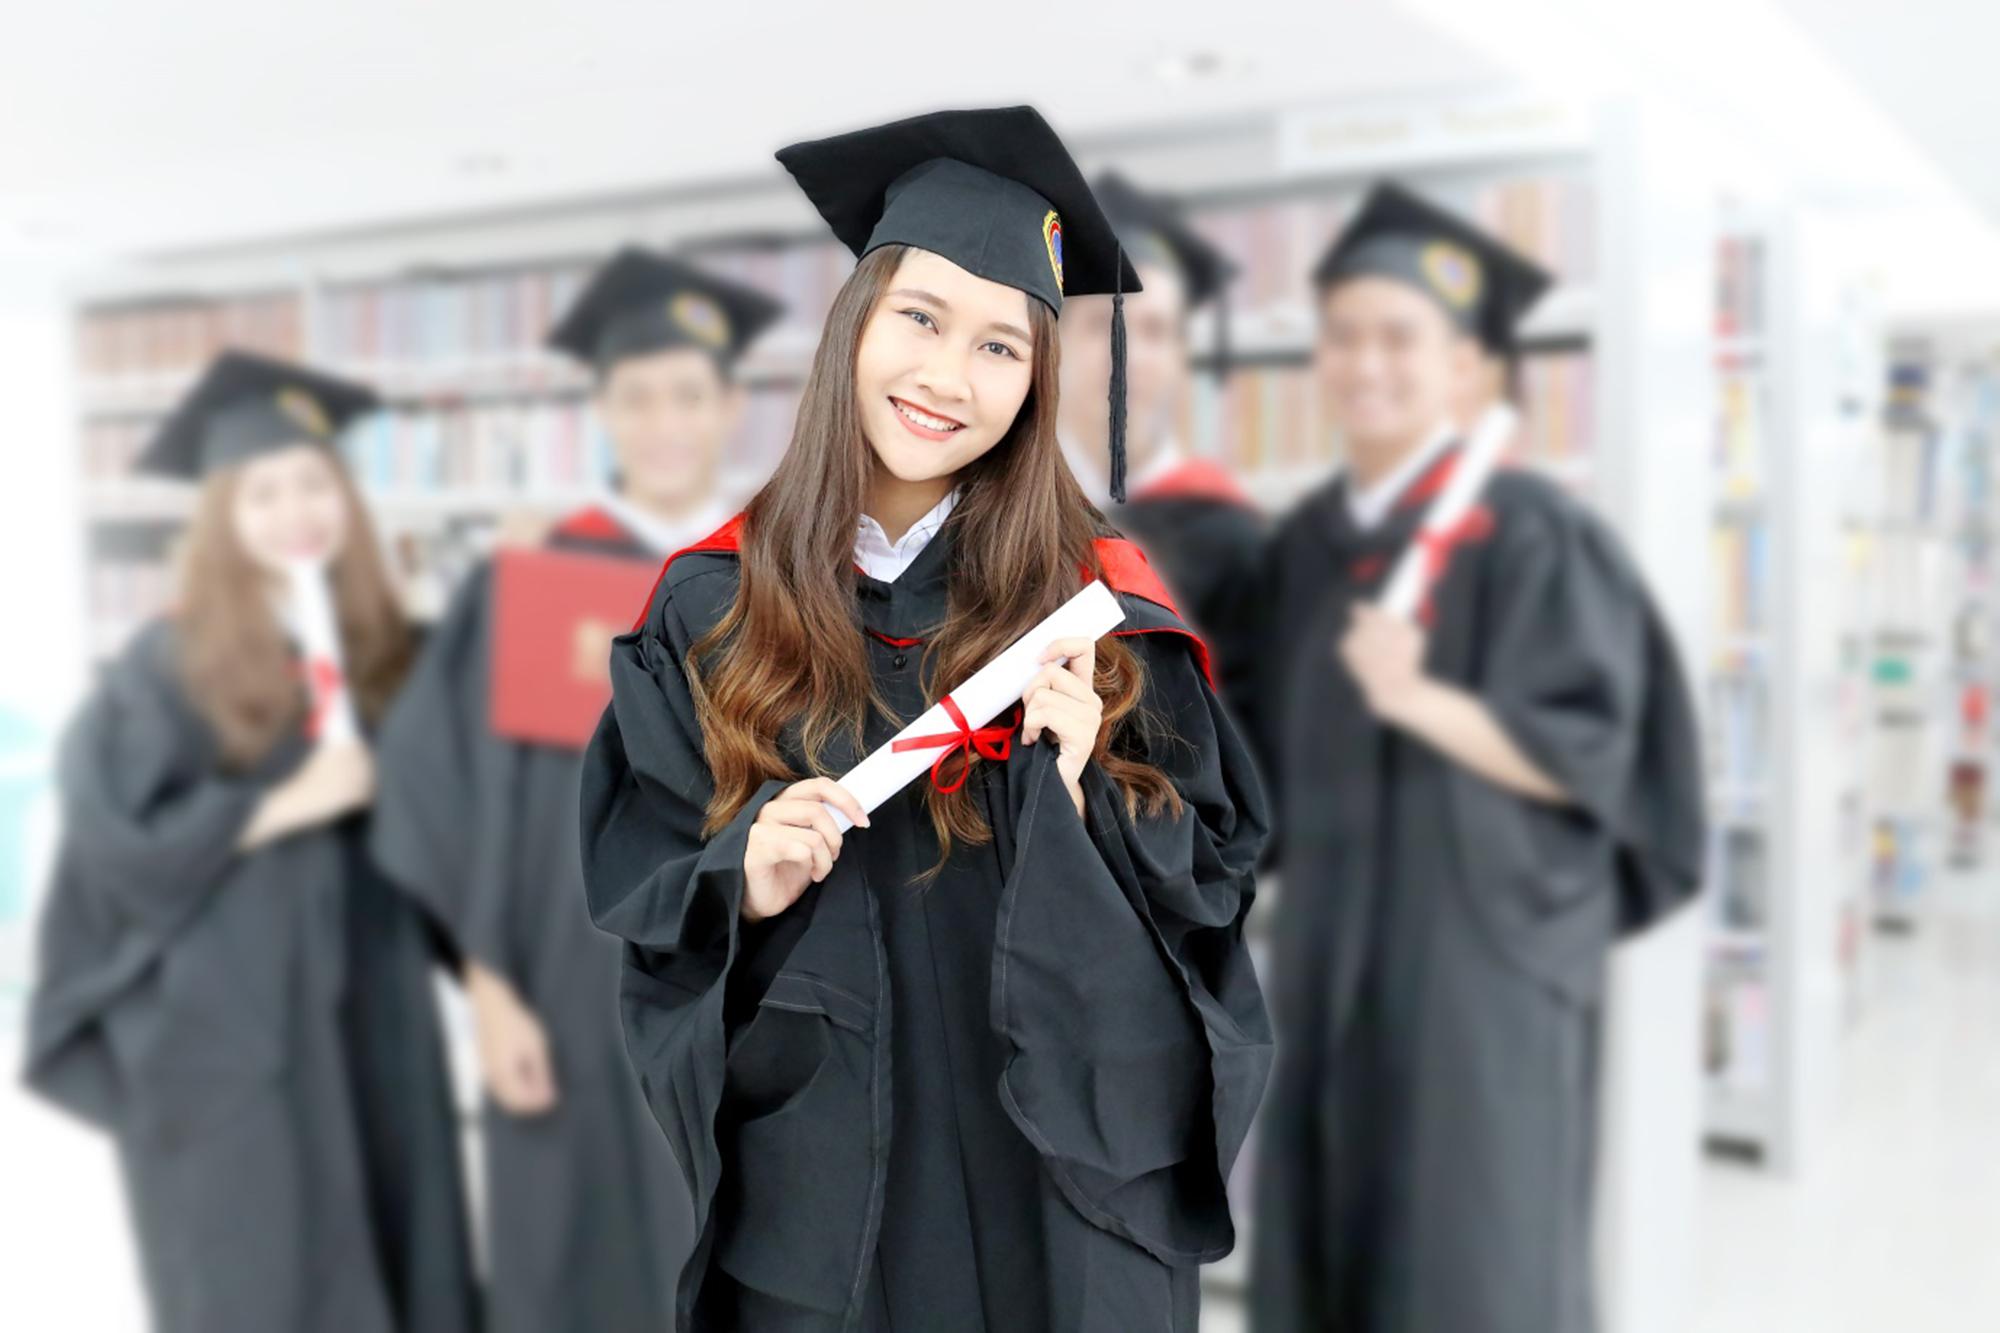 Đại diện SIU cho biết, 100% sinh viên SIU tốt nghiệp đạt chứng chỉ TOEFL (ETS, Mỹ) tối thiểu 79 iBT, hoặc TOEIC tối thiểu 500 điểm, trong đó 20% sinh viên đạt điểm TOEIC trên 800 điểm.